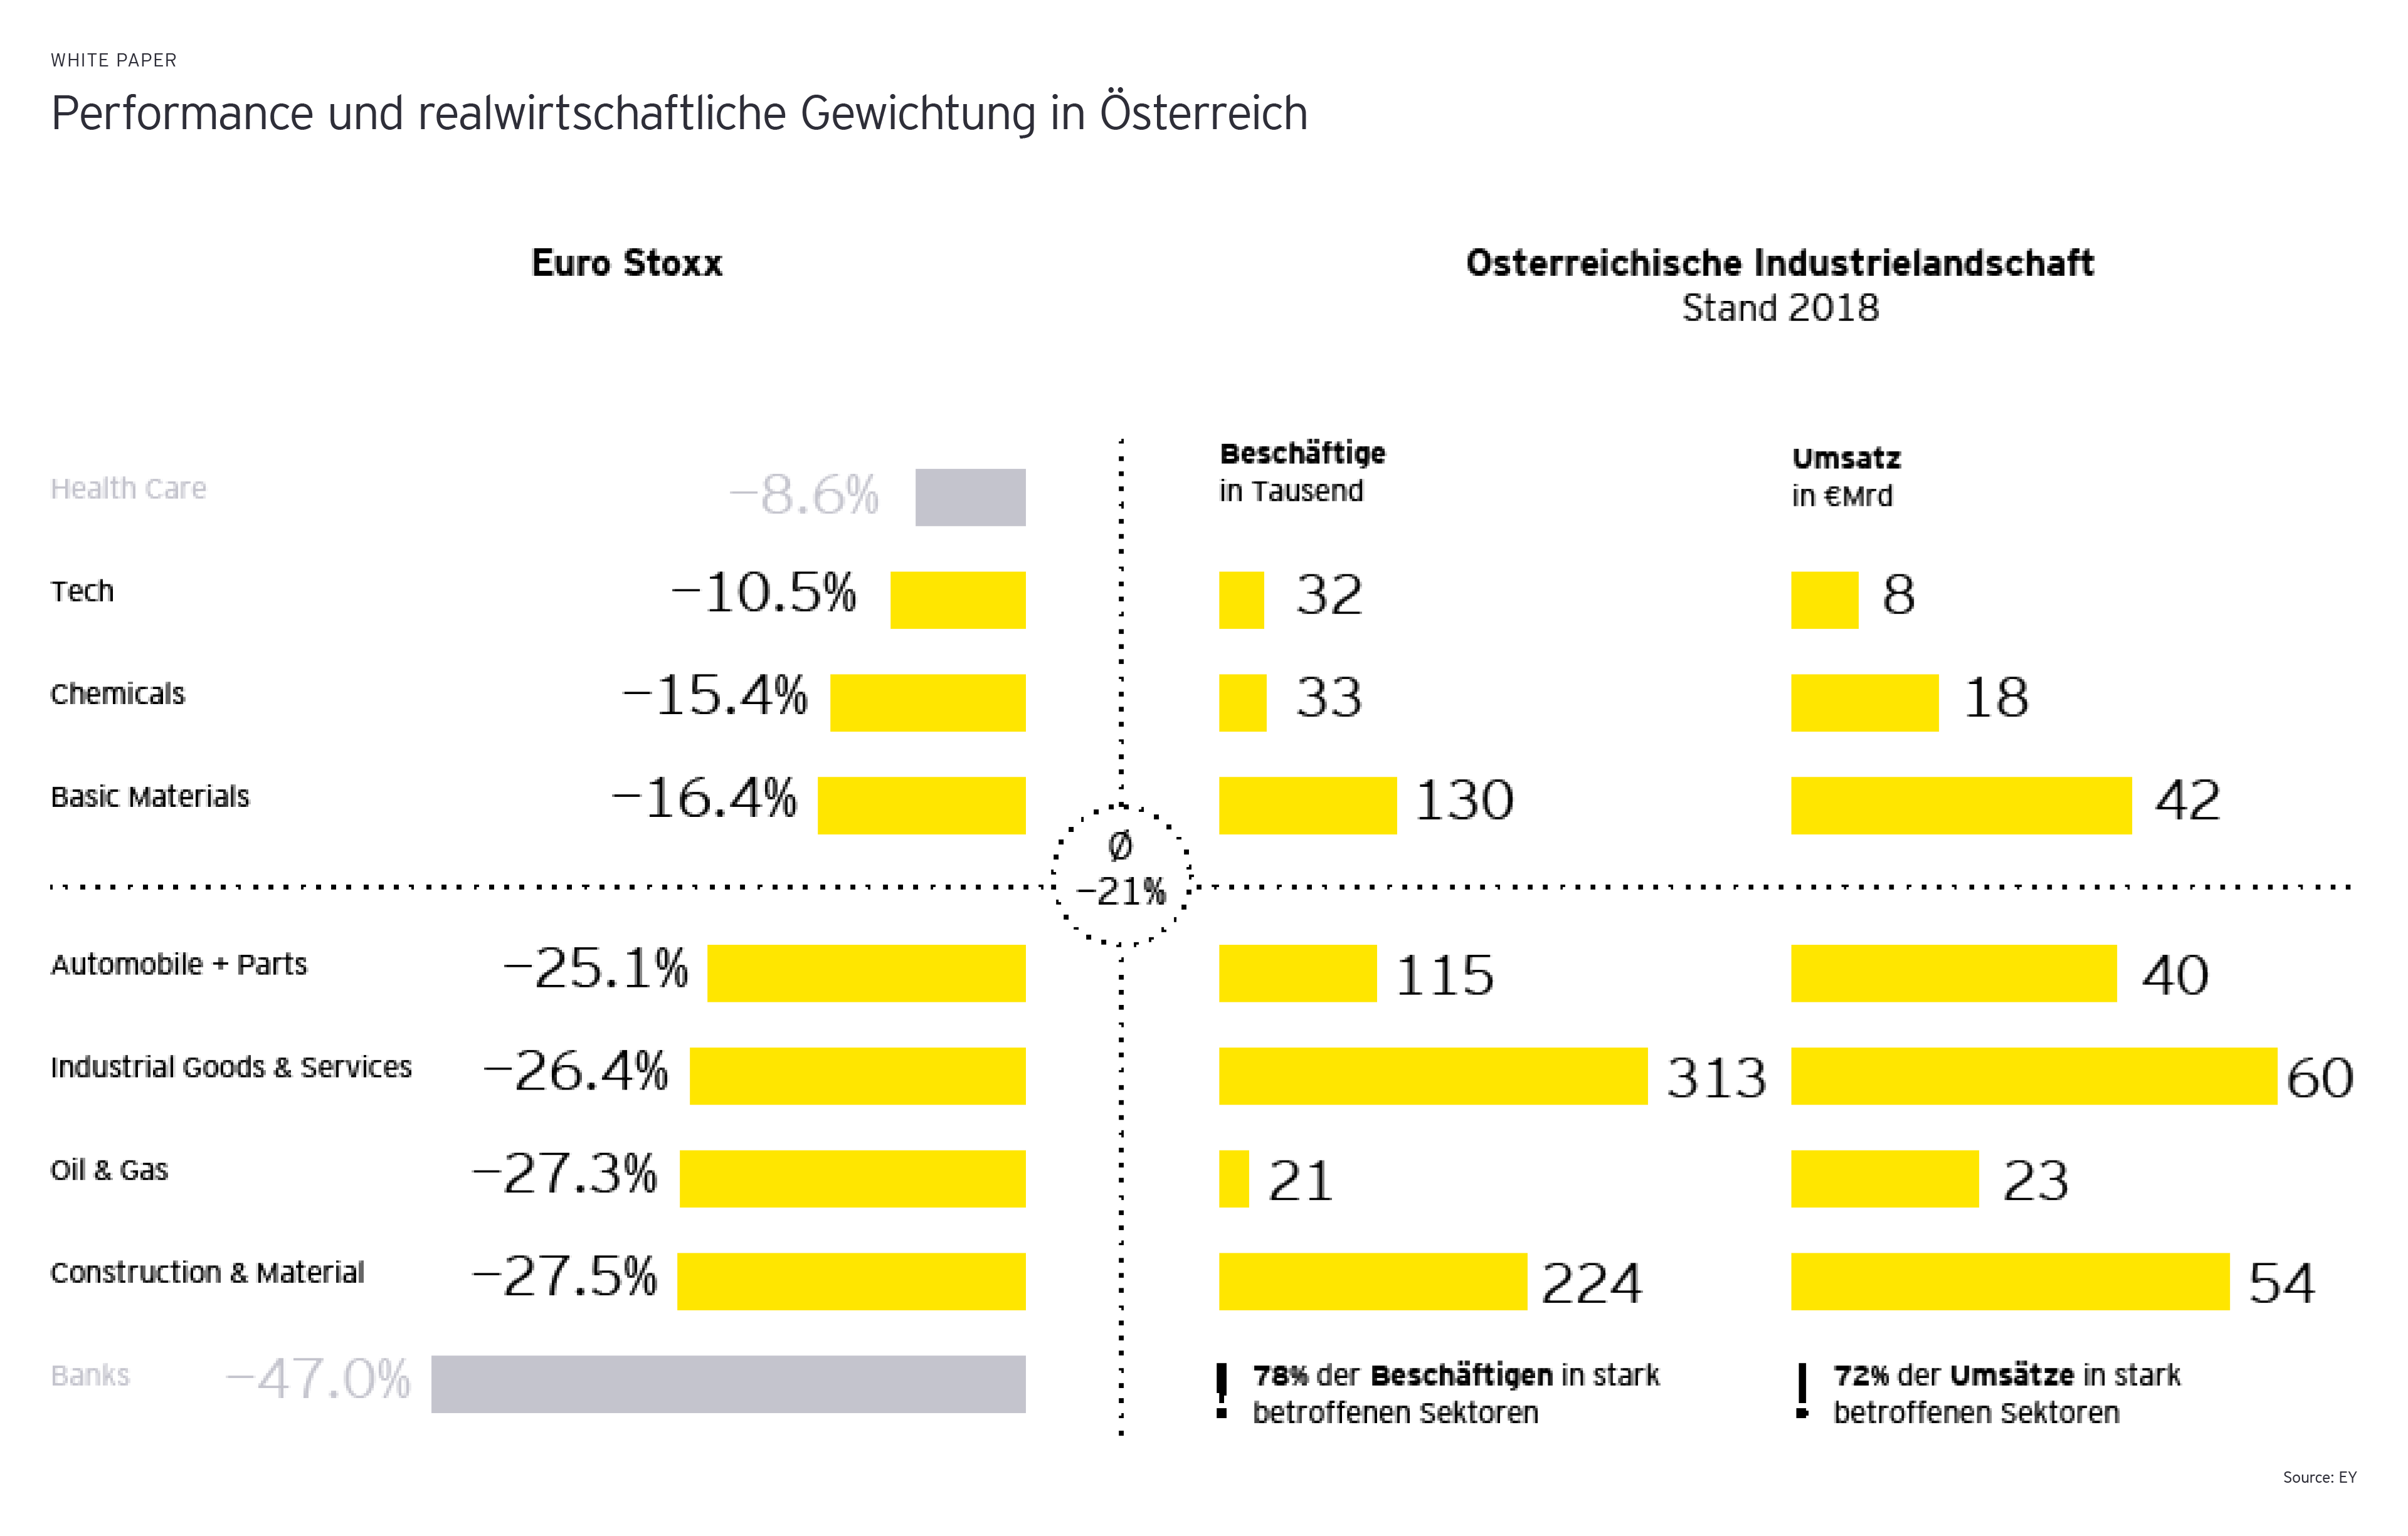 Performance und realwirtschaftliche Gewichtung in Österreich